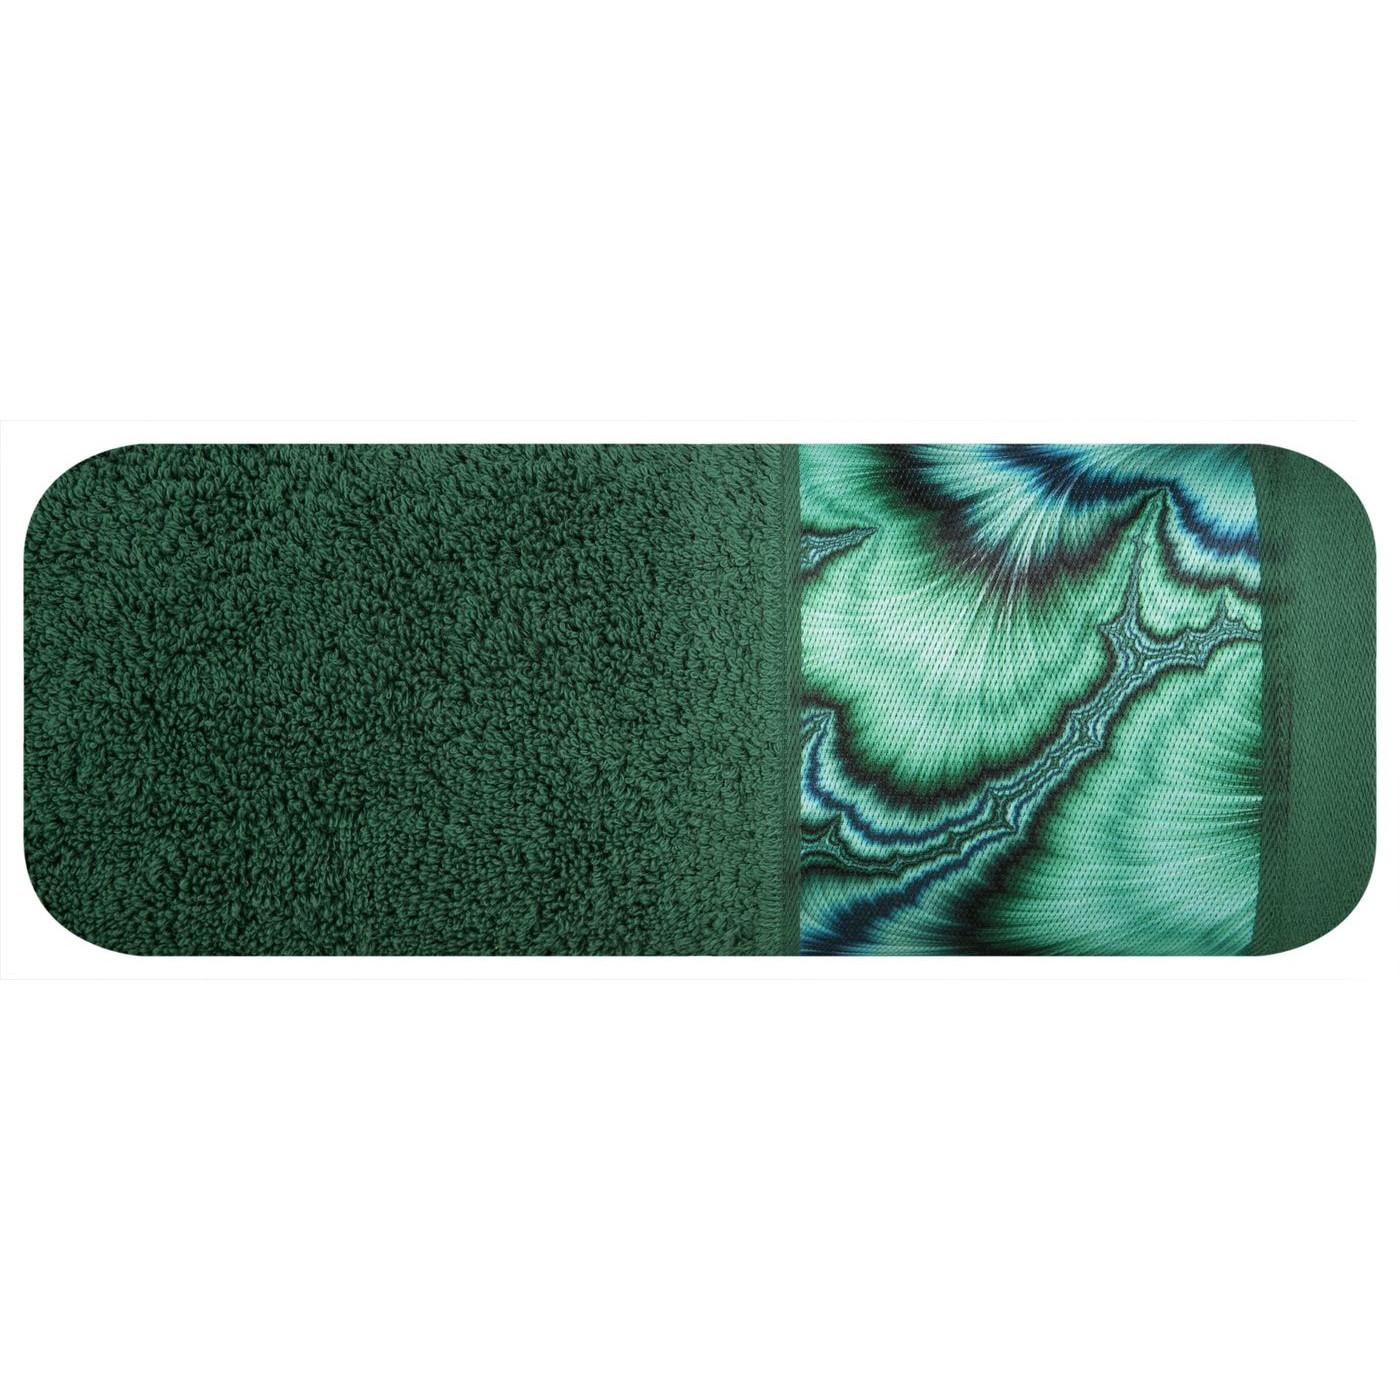 Zielony ręcznik kąpielowy - mój wybór Eva Minge 70x140 cm